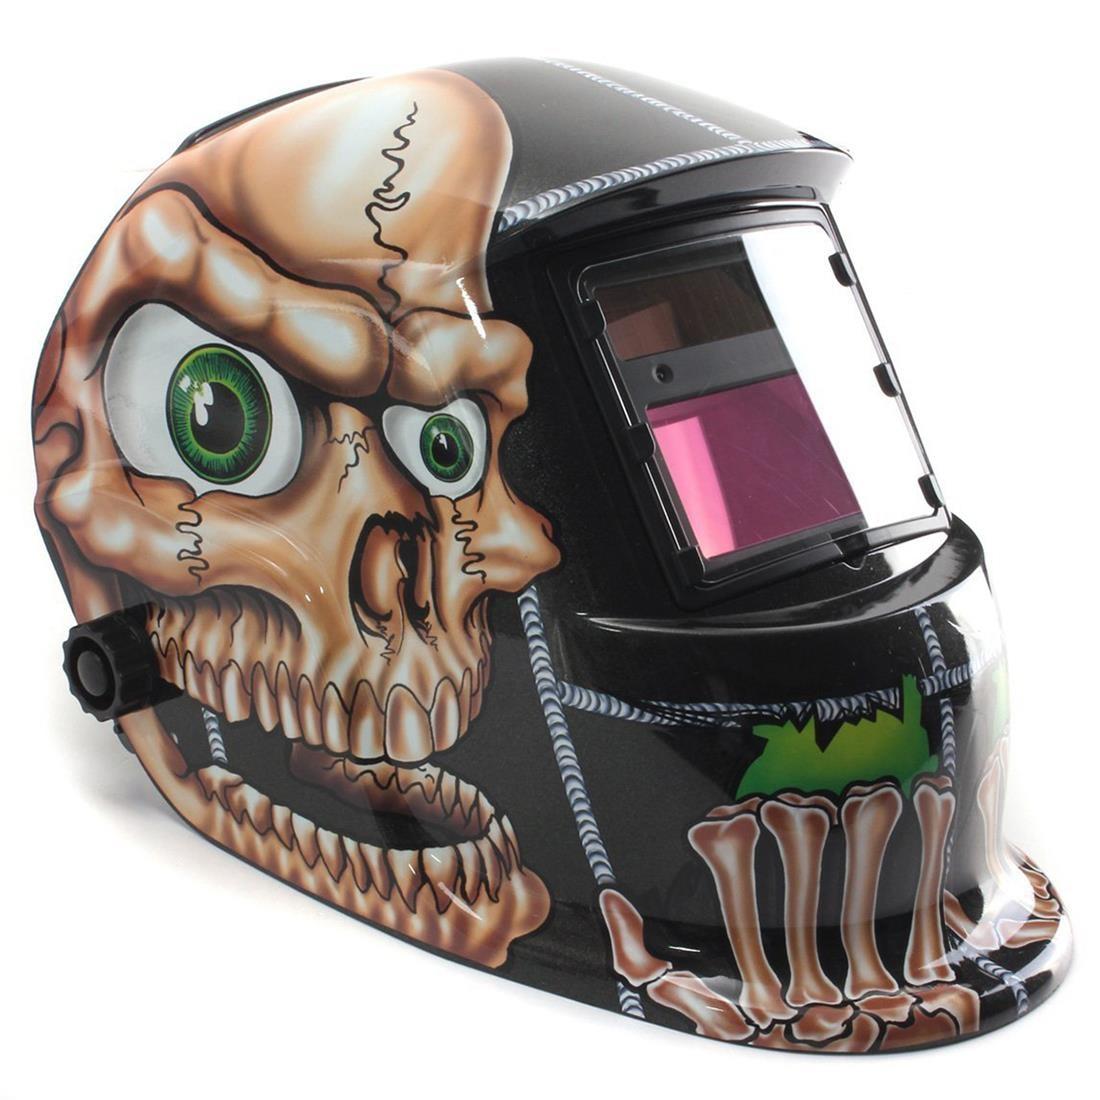 Masque de soudage solaire automatique pour casque de soudage solaireMasque de soudage solaire automatique pour casque de soudage solaire